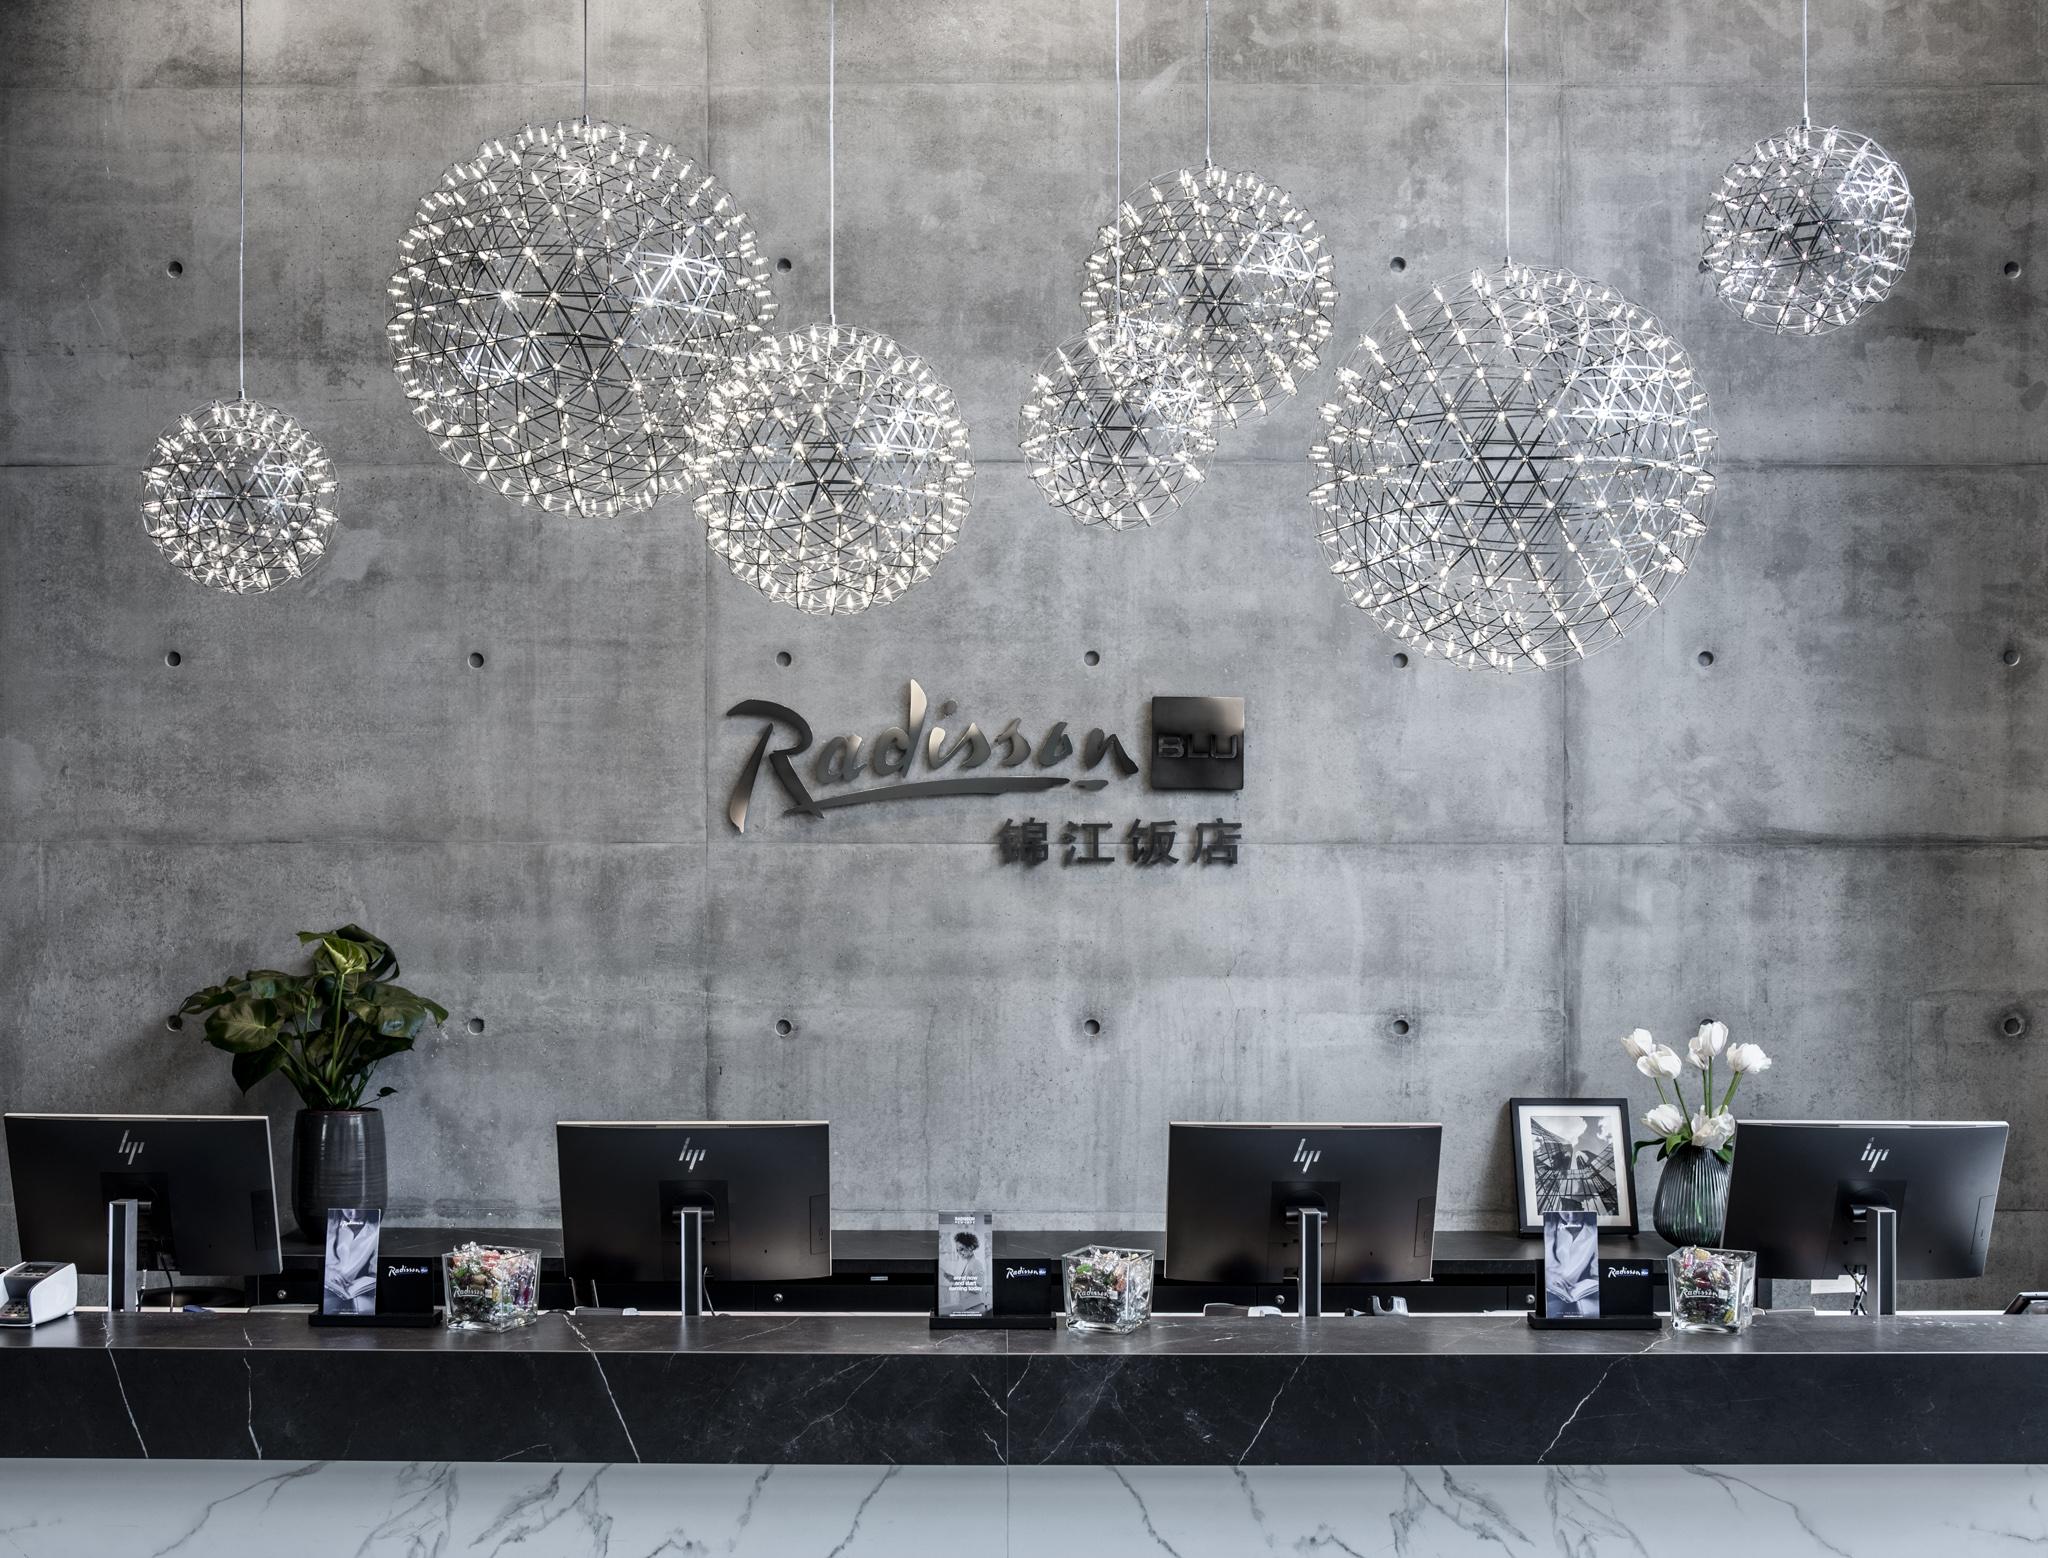 Das co-branded Hotel der Jin Jiang Gruppe und Radisson Blu